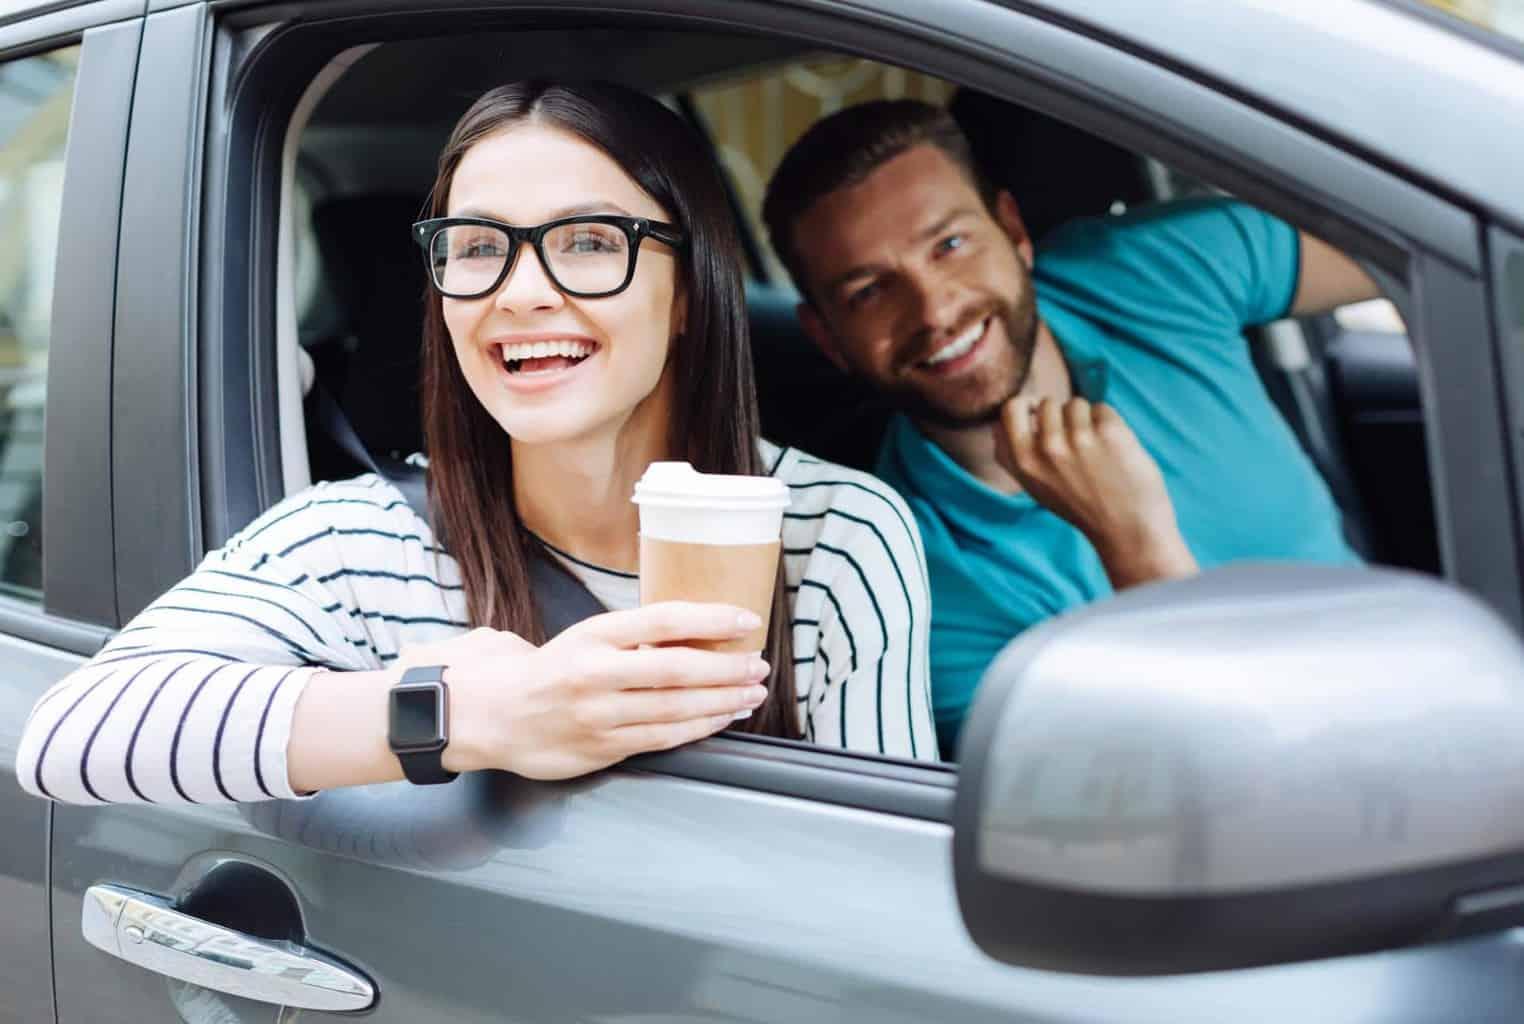 E-Auto oder Hybrid? - Wer fährt was und warum? Wir klären auf.